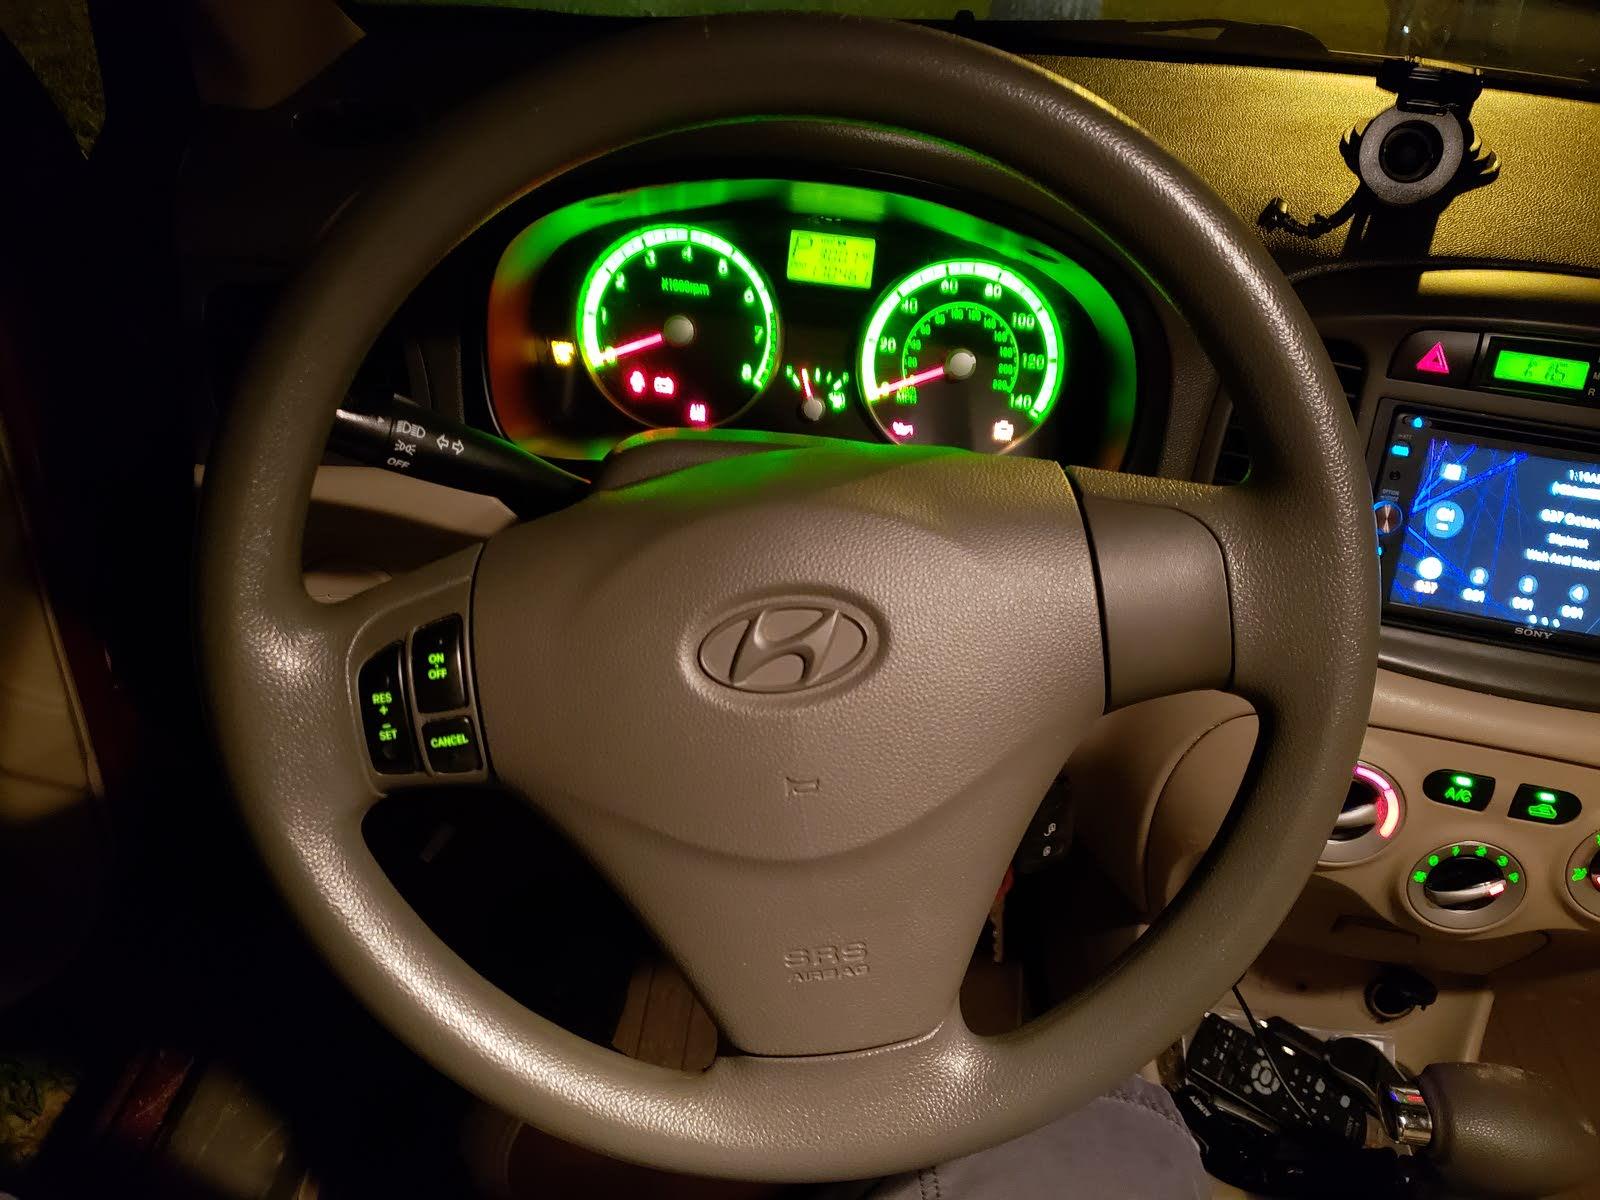 Hyundai Elantra: Cruise Control Cable. Repair procedures